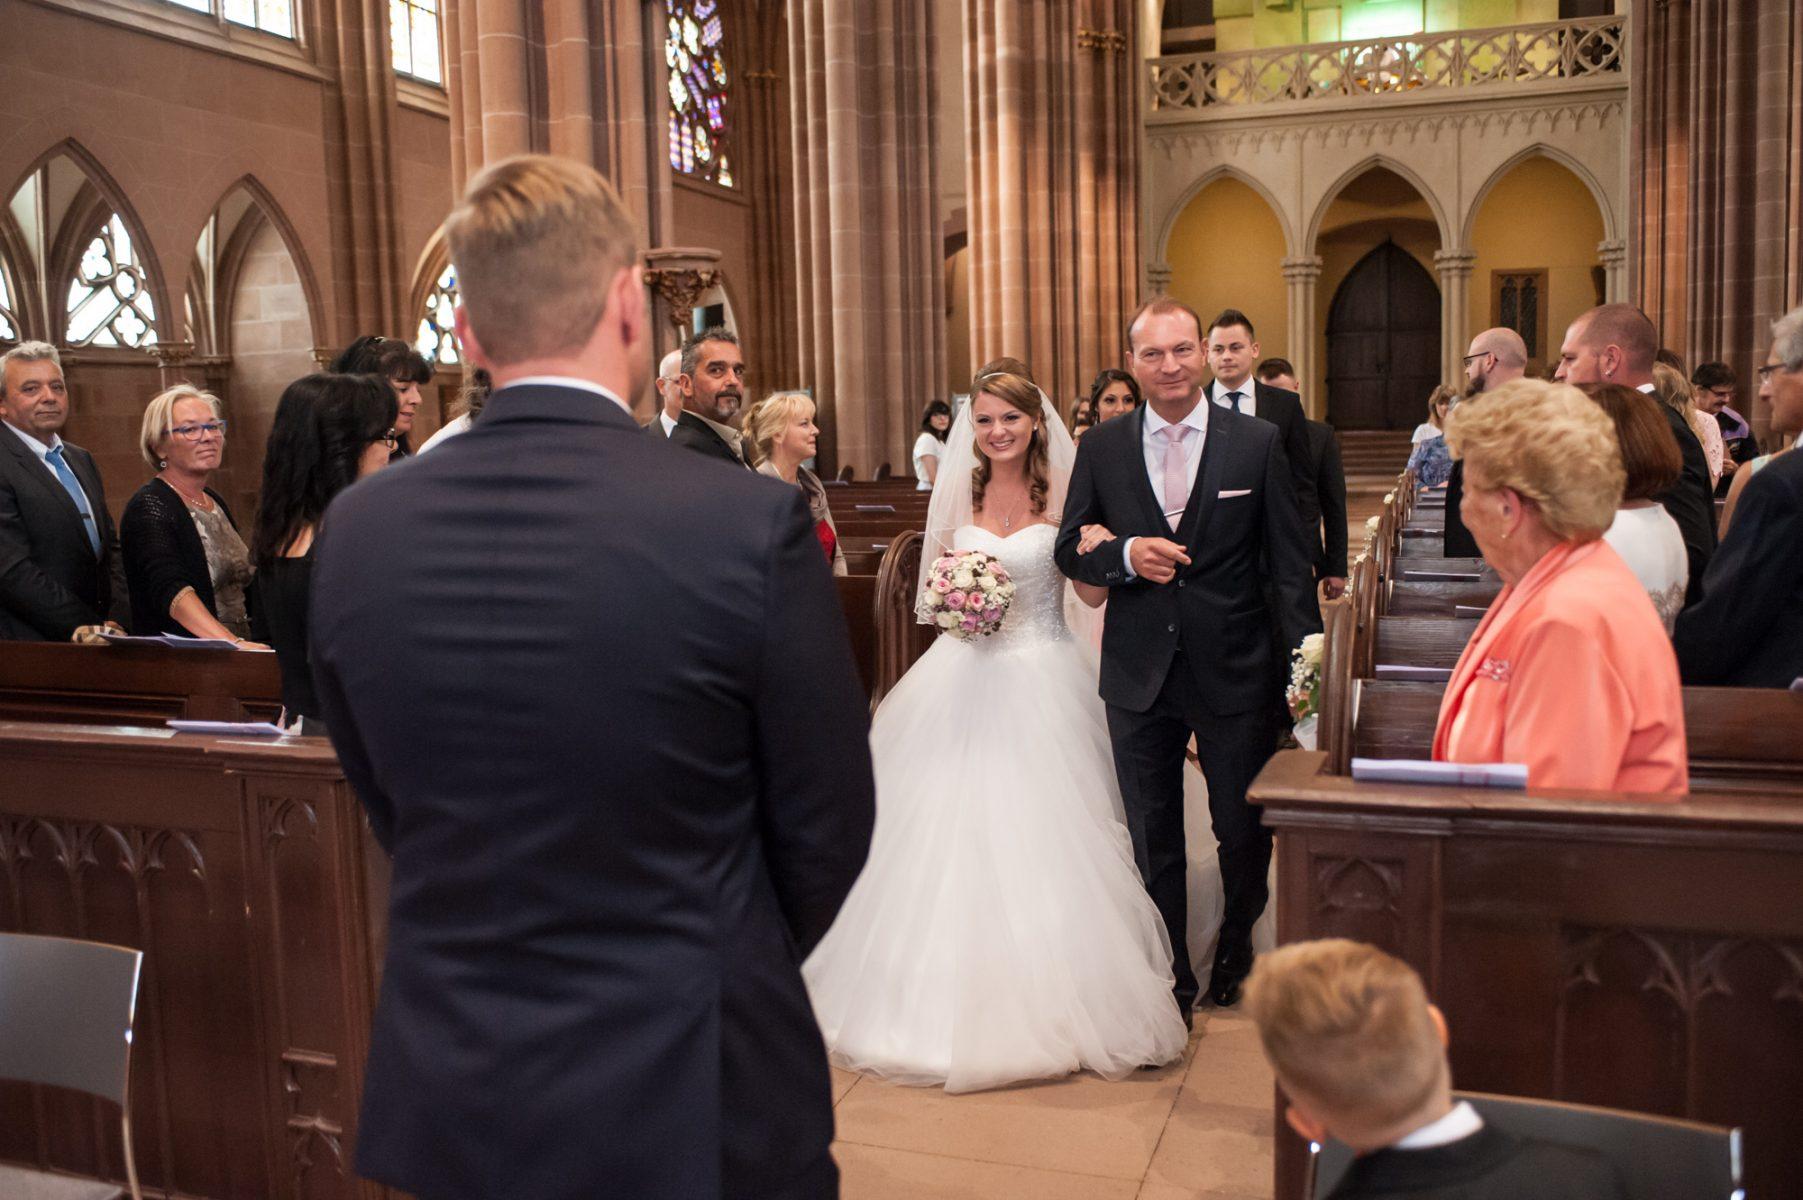 amatustra Hochzeit Trauung B2000 229152 1803x1200 - Trauung